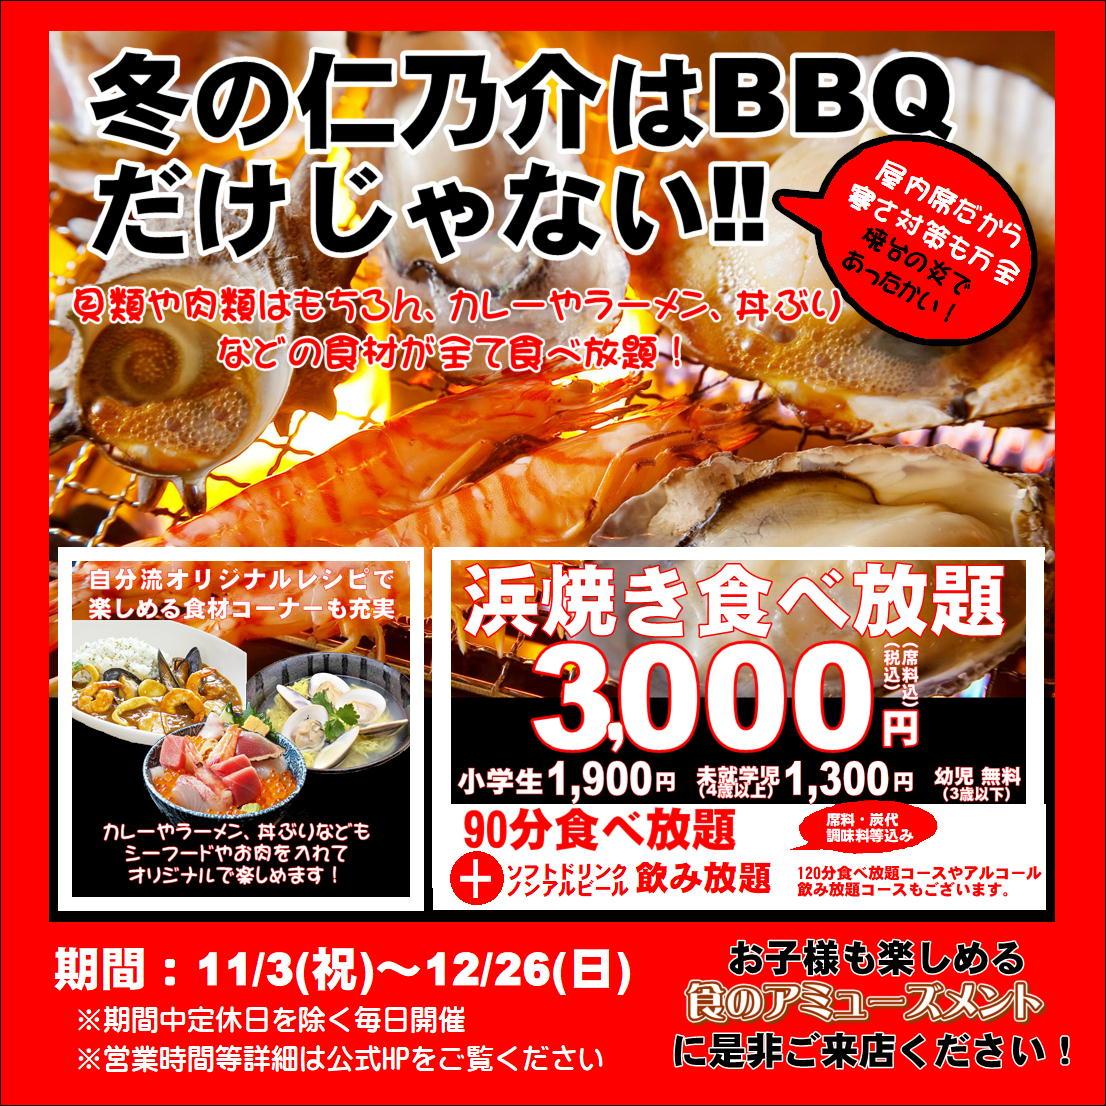 【冬の仁乃介はBBQだけじゃない】11月12月は浜焼き食べ放題!